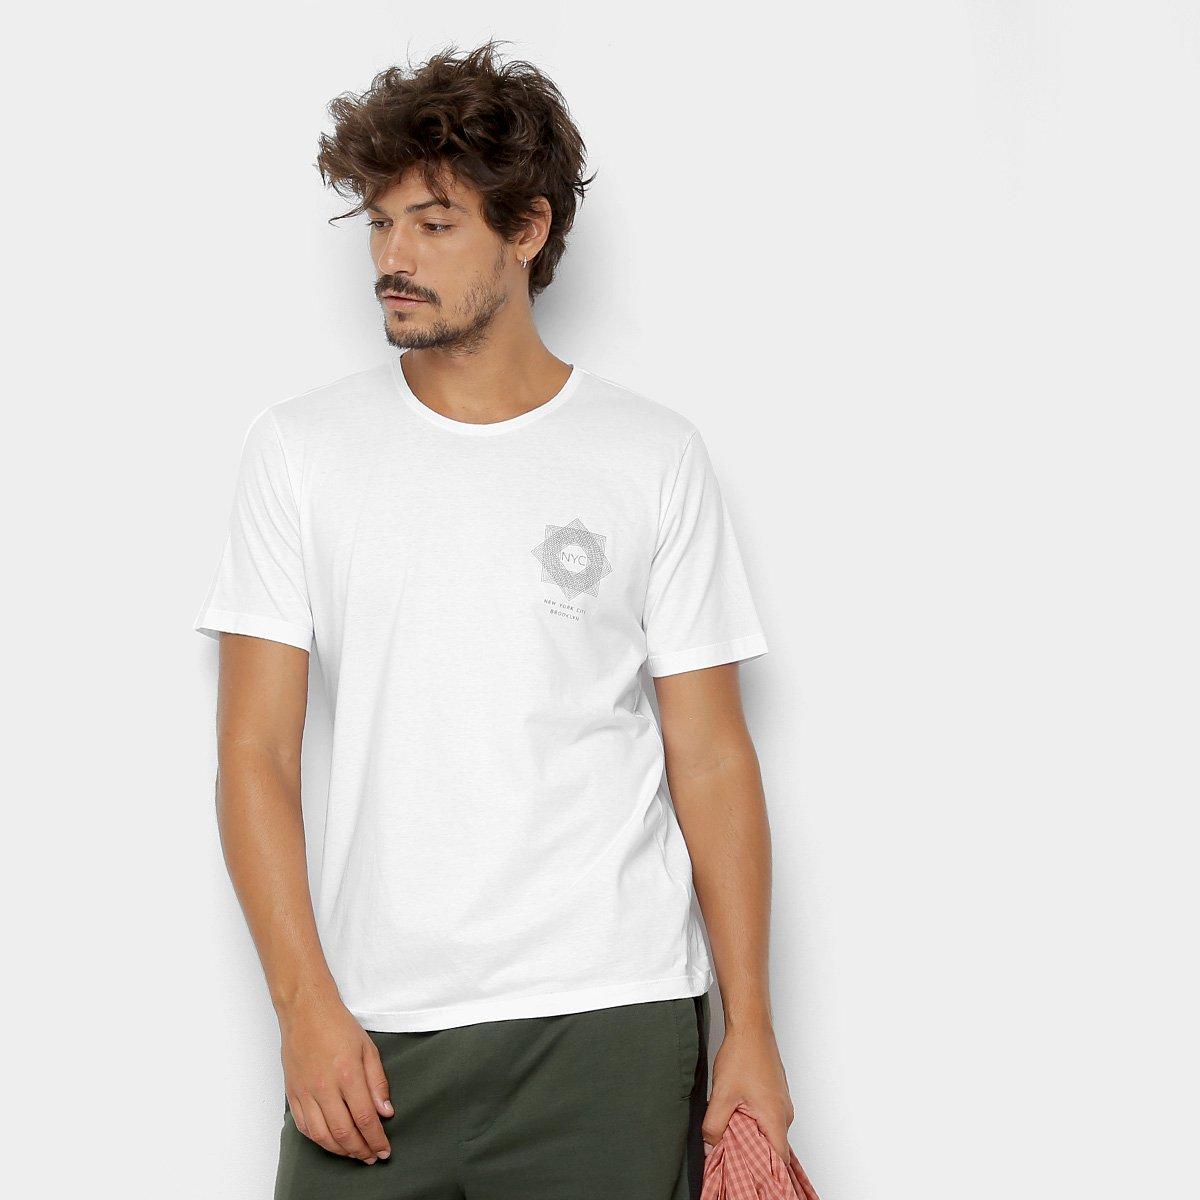 Foto 1 - Camiseta Kohmar Lisa Meia Malha Masculina